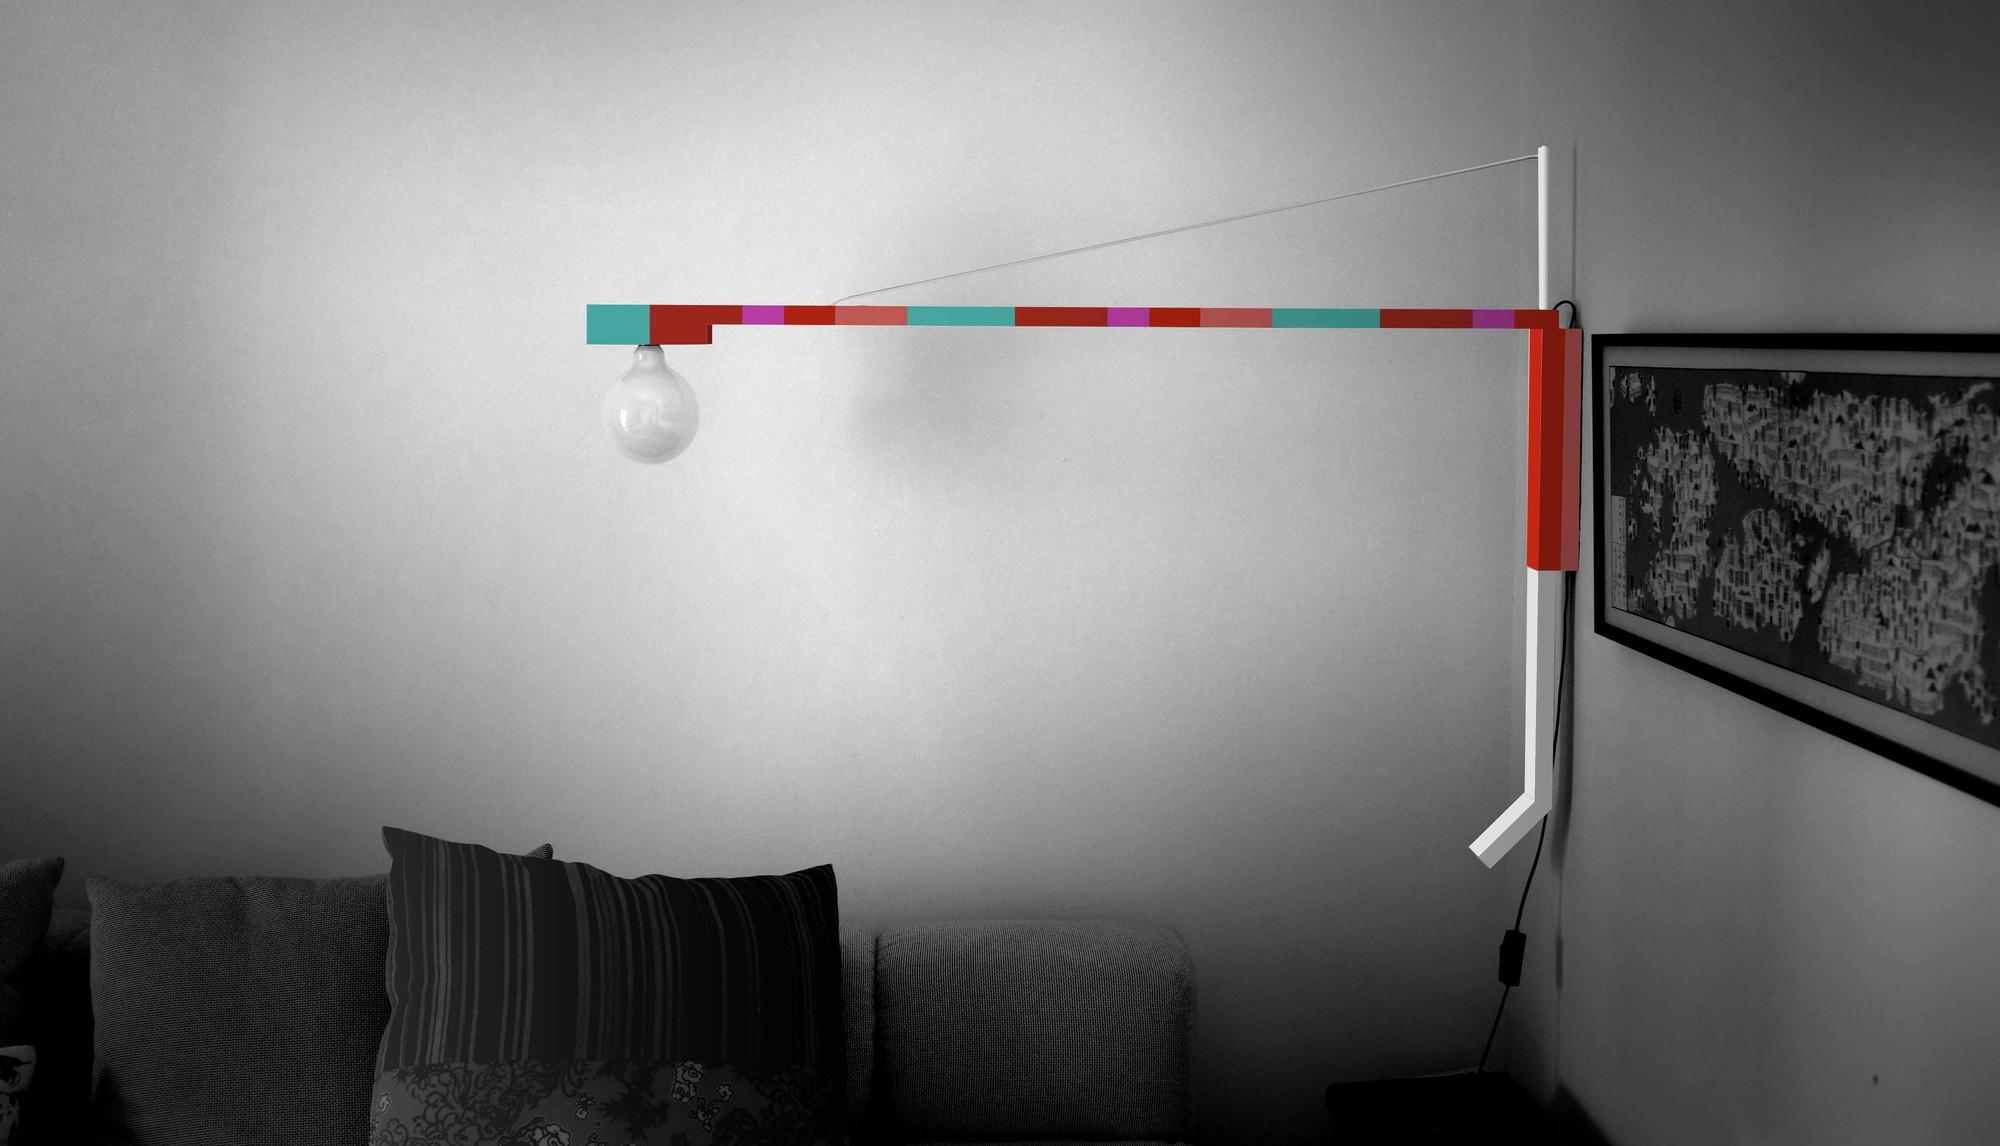 GRU Lamp y GRU City Lamp: diseñando y adaptando la luz en diferentes espacios por MDBA, GRU City Lamp. Image Courtesy of MDBA